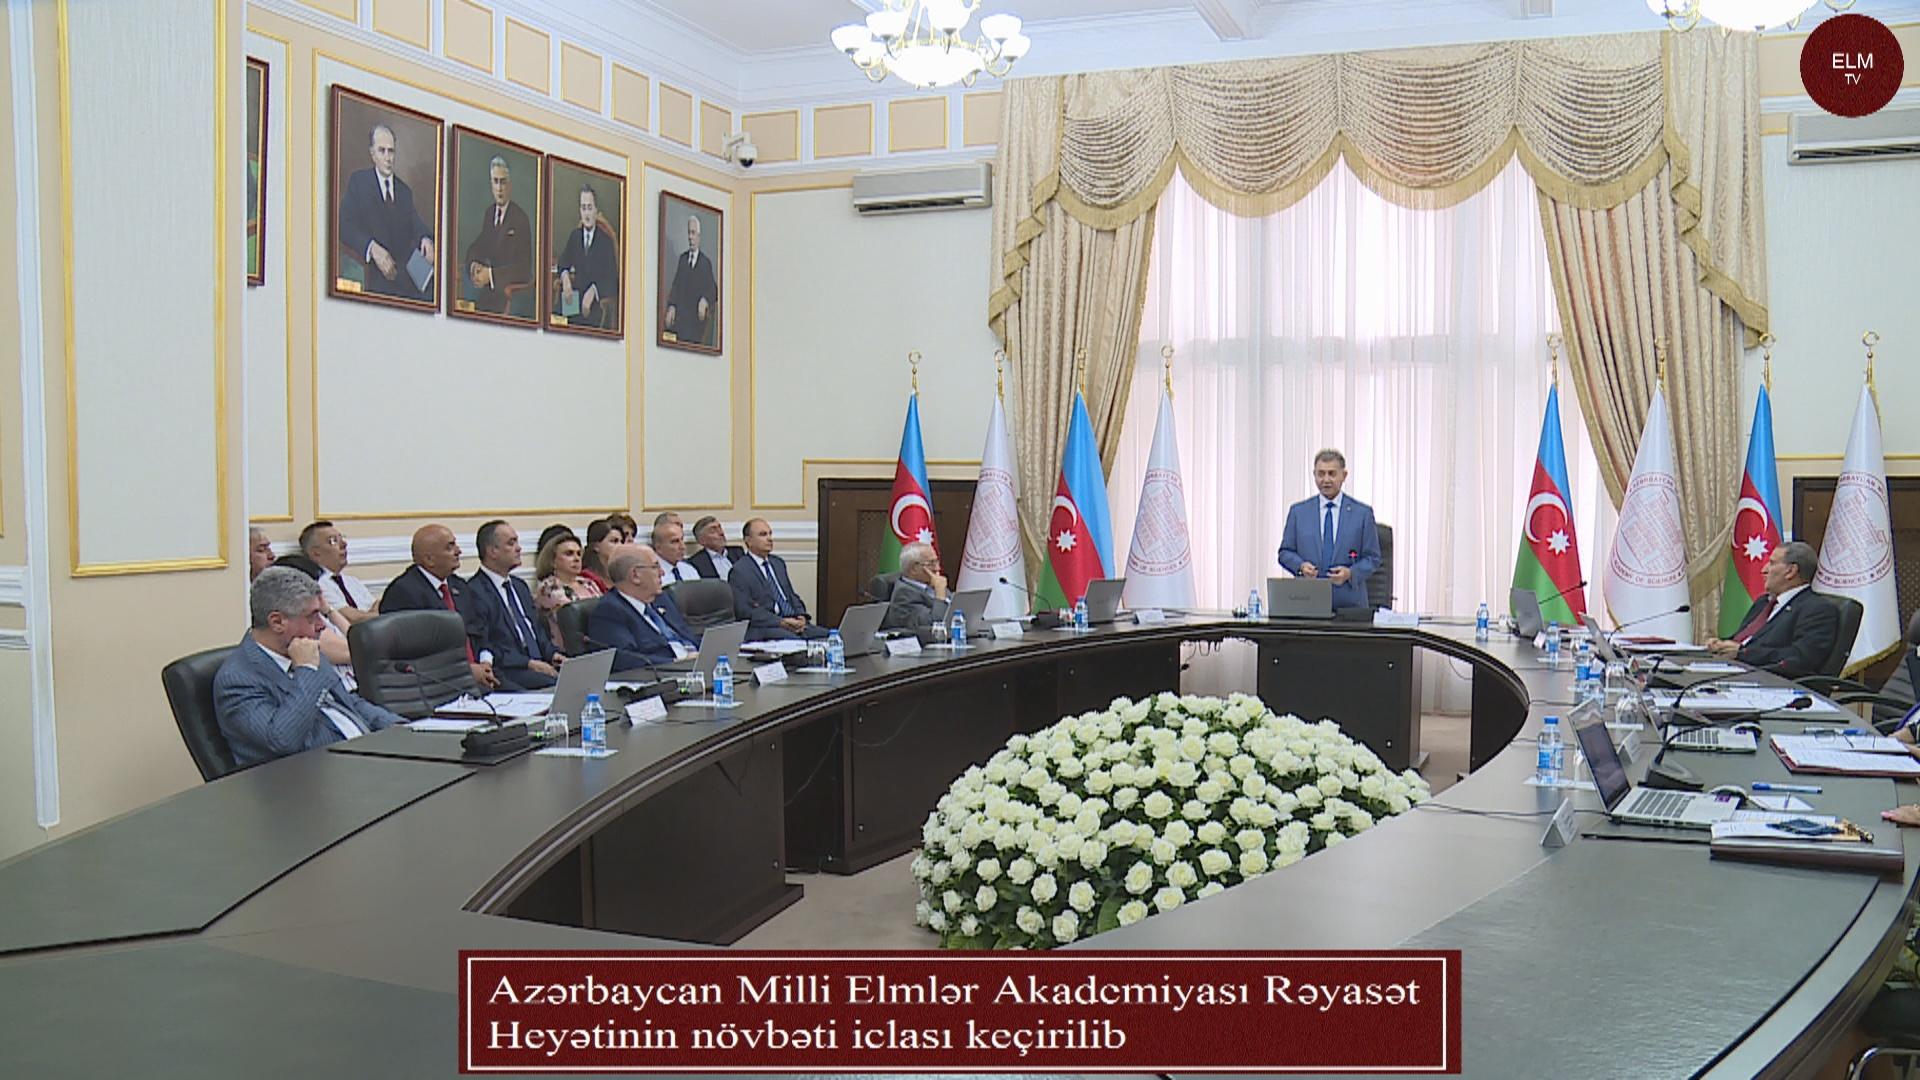 Azərbaycan Milli Elmlər Akademiyası Rəyasət Heyətinin növbəti iclası keçirilib